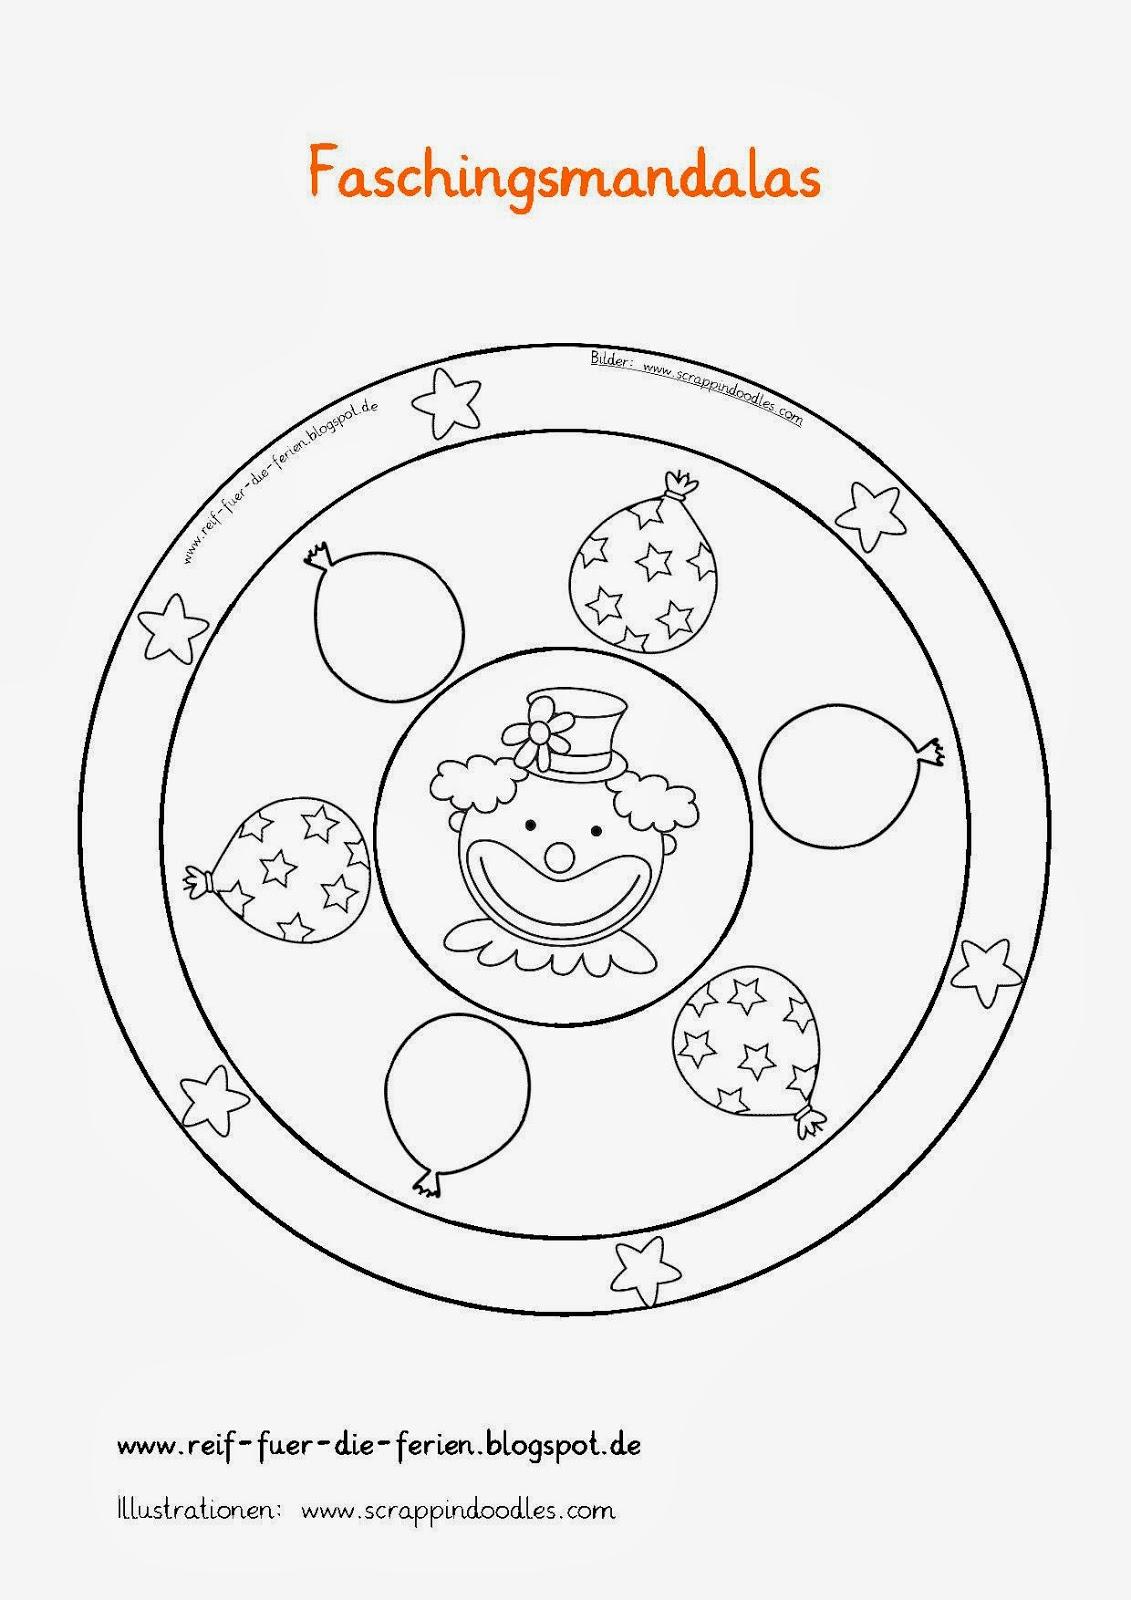 Faschings-Mandalas